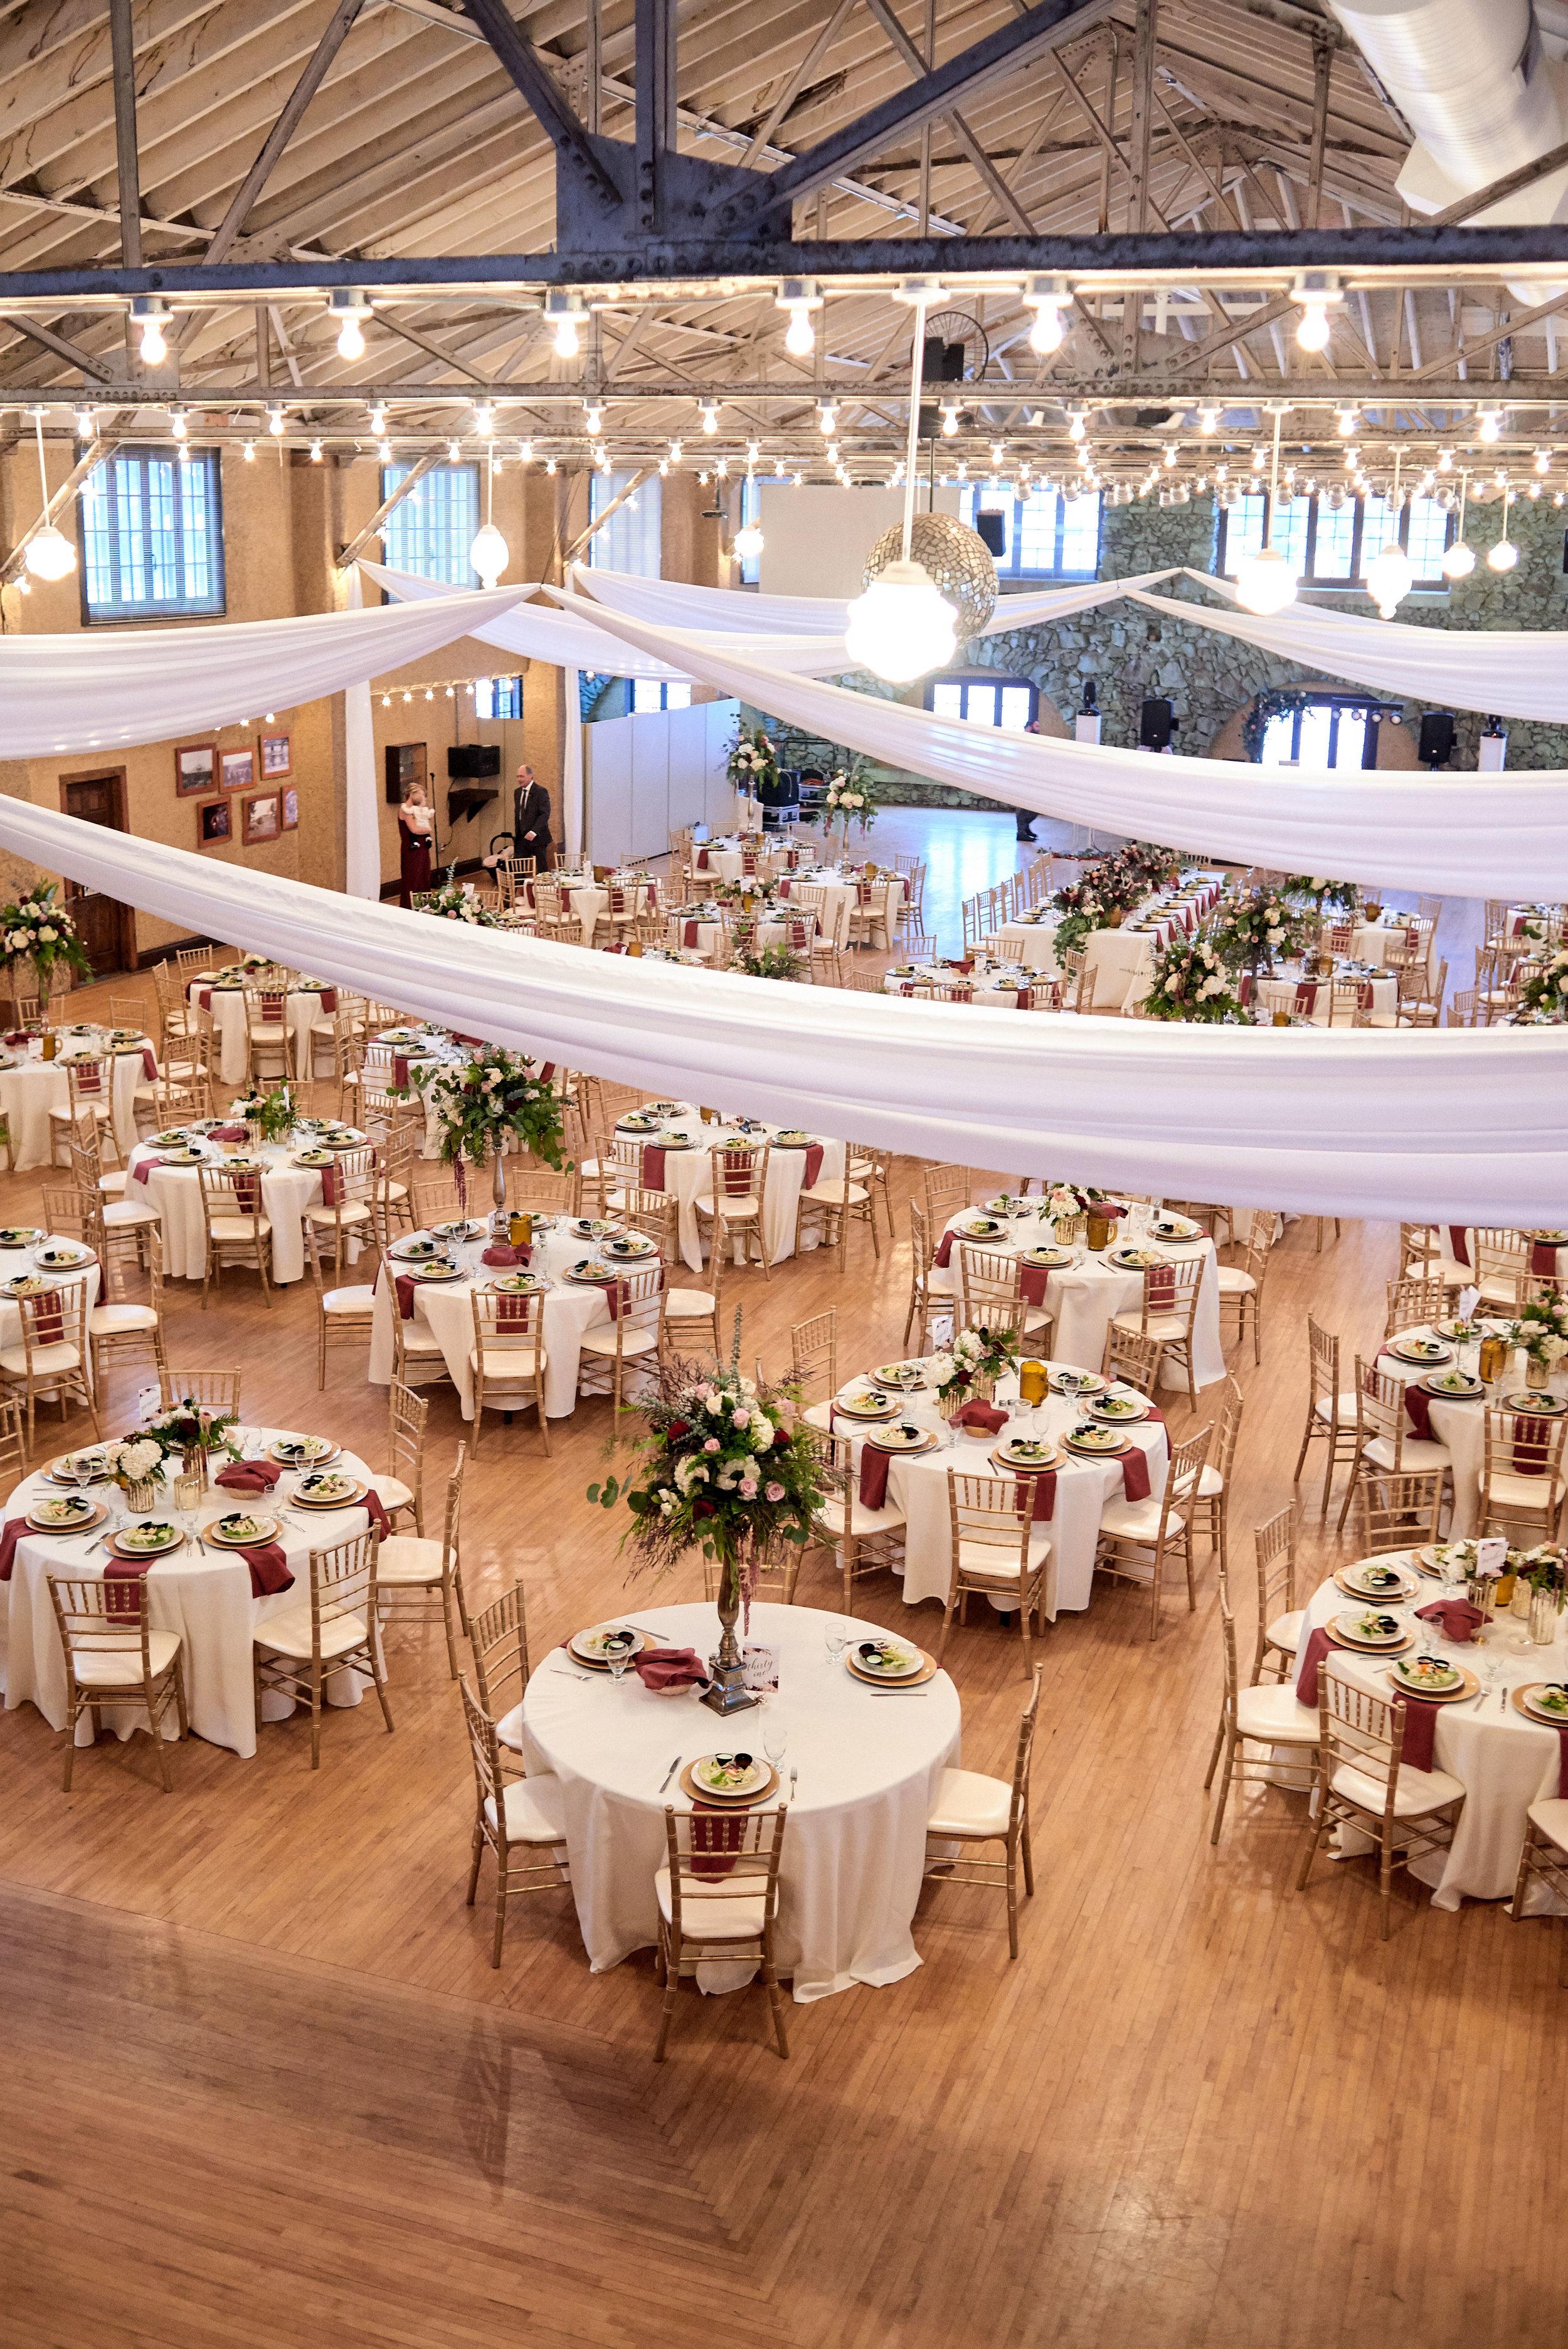 490-rothschild-pavilion-winter-wedding.jpg